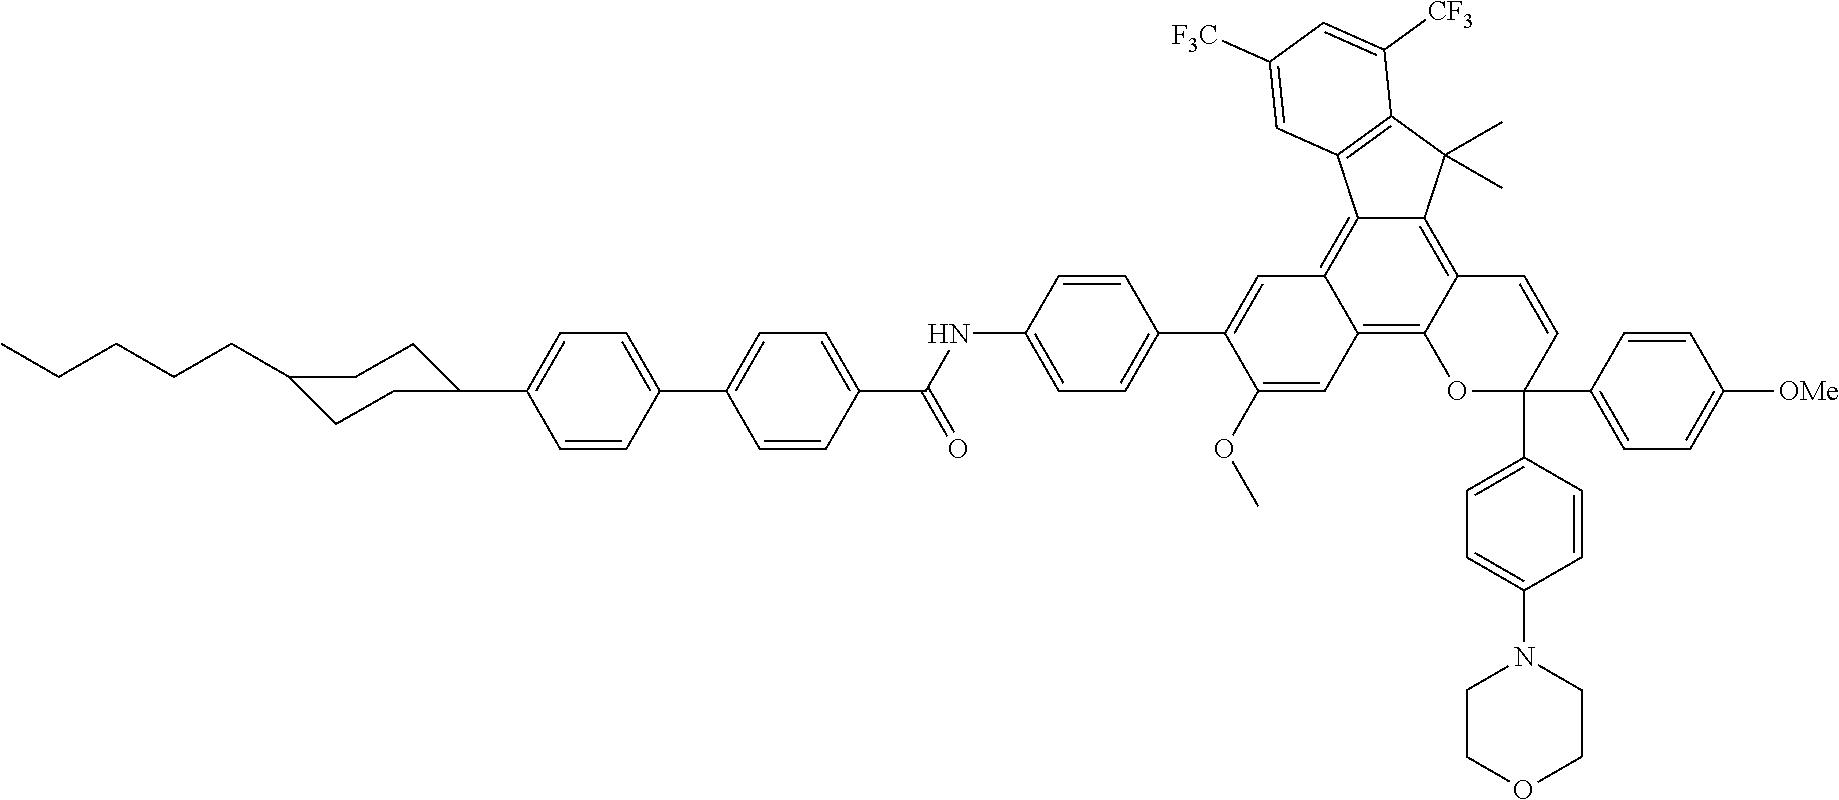 Figure US08518546-20130827-C00052